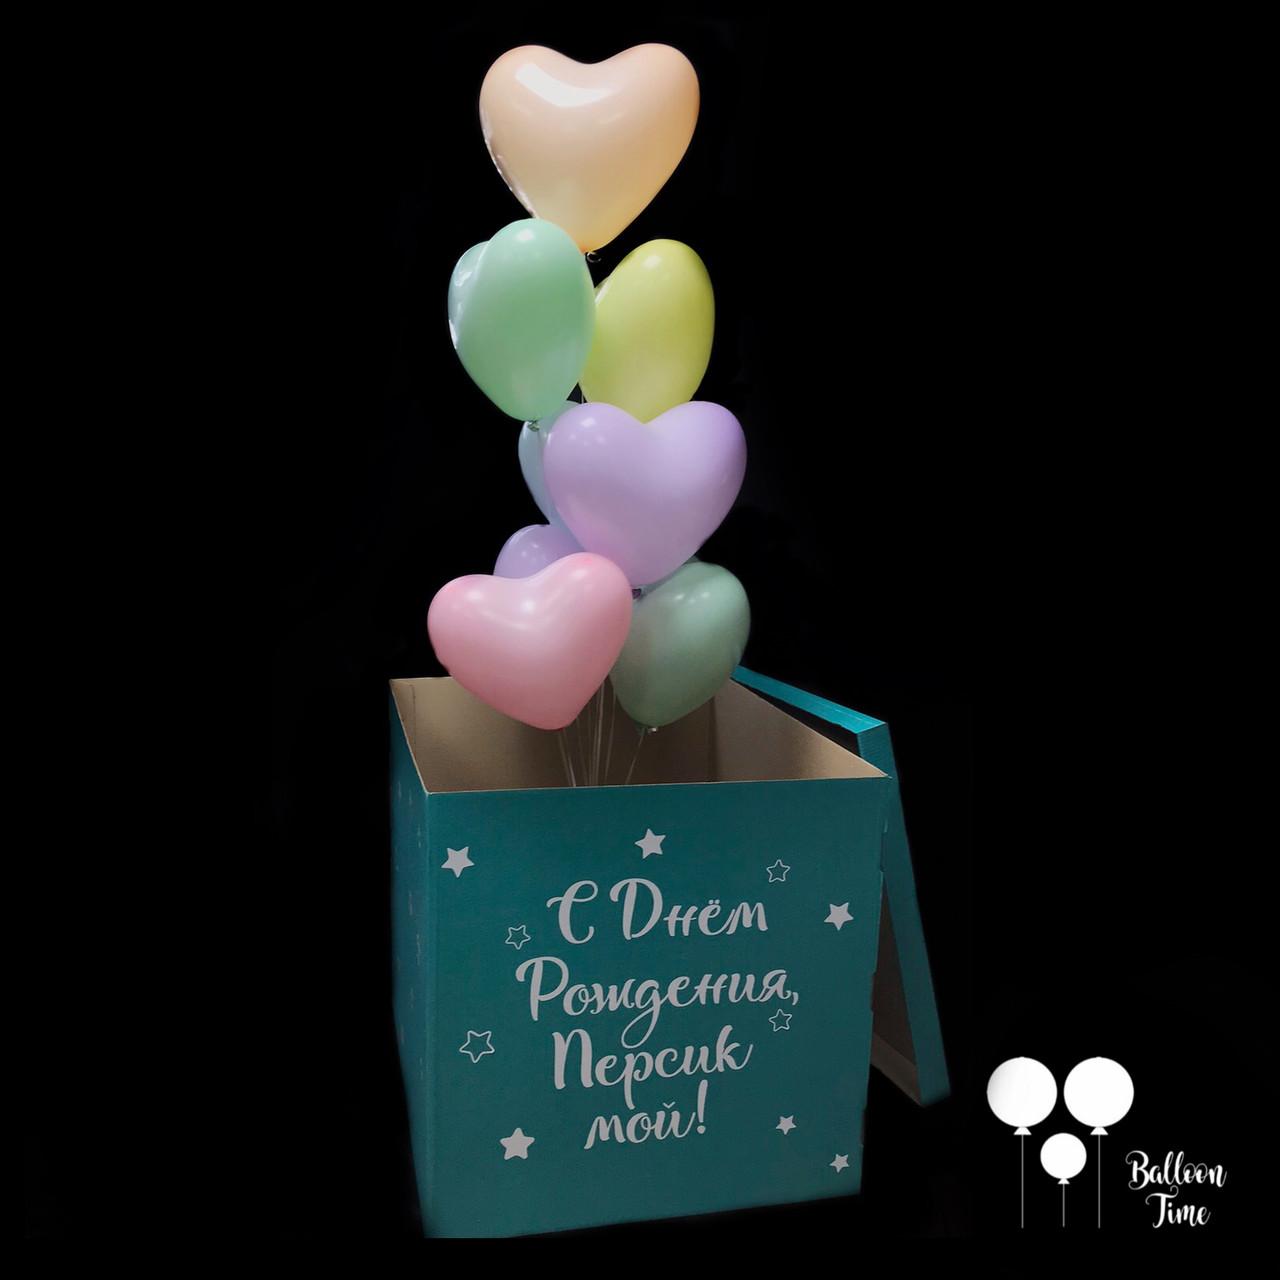 Бирюзовая коробка с персональной надписью + латксные сердца